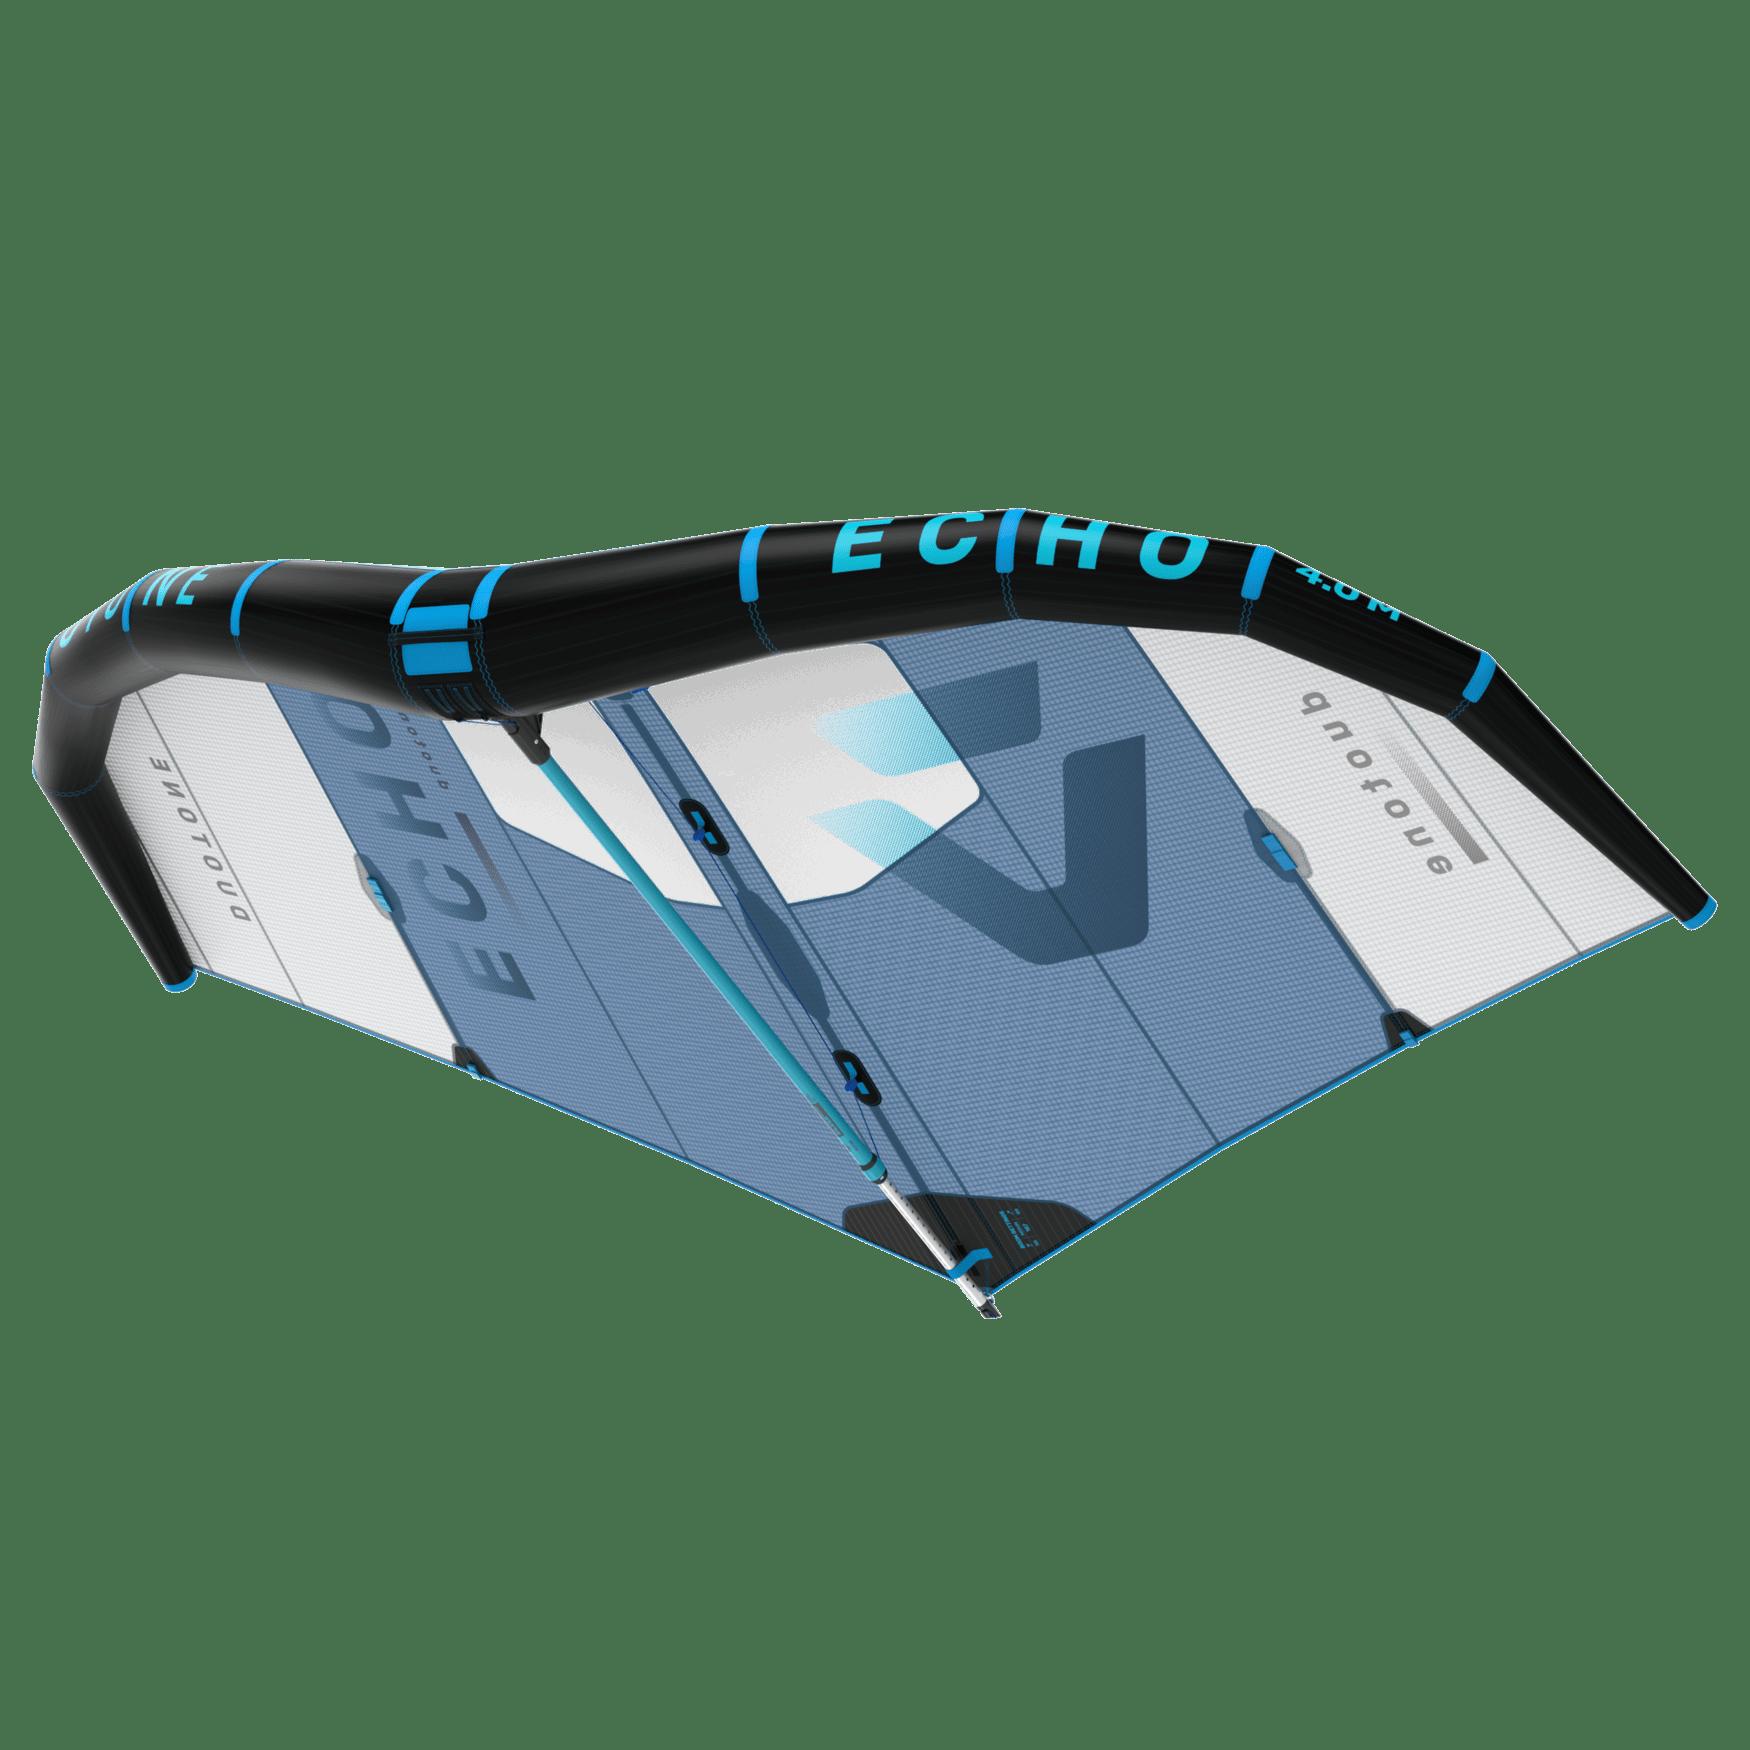 Duotone X Foil Wing ECHO 2021